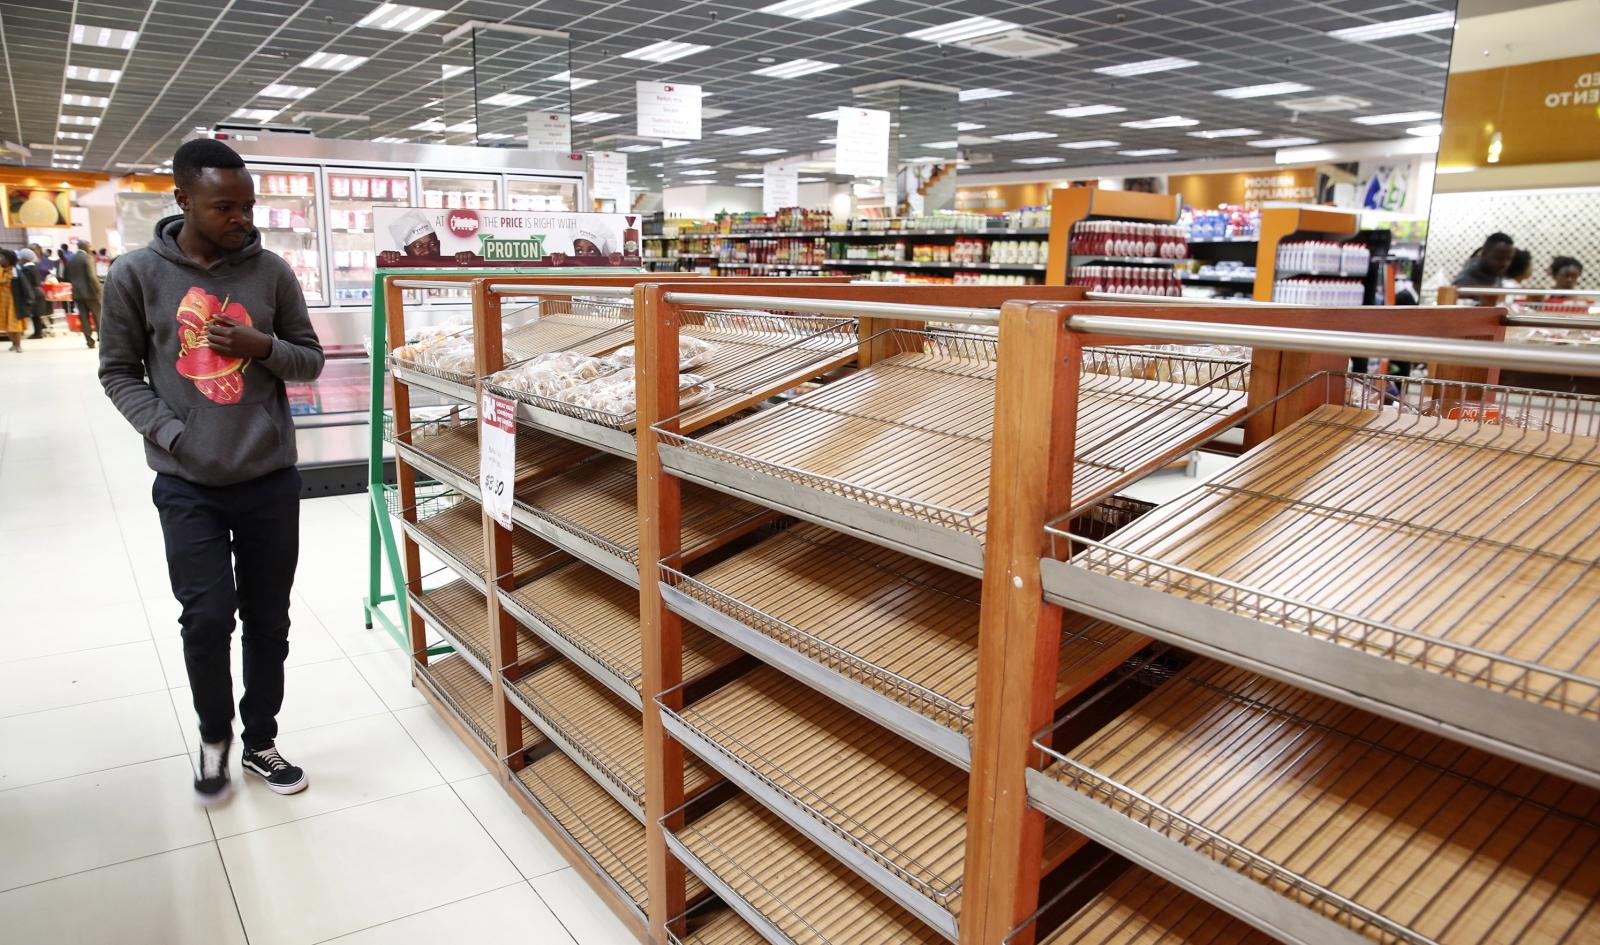 Klient przechodzi obok pustych półek z chlebem w jednym z największych supermarketów w Harare, Zimbabwe. W całym kraju panuje kryzys pszenicy. Fot. PA/AARON UFUMELI